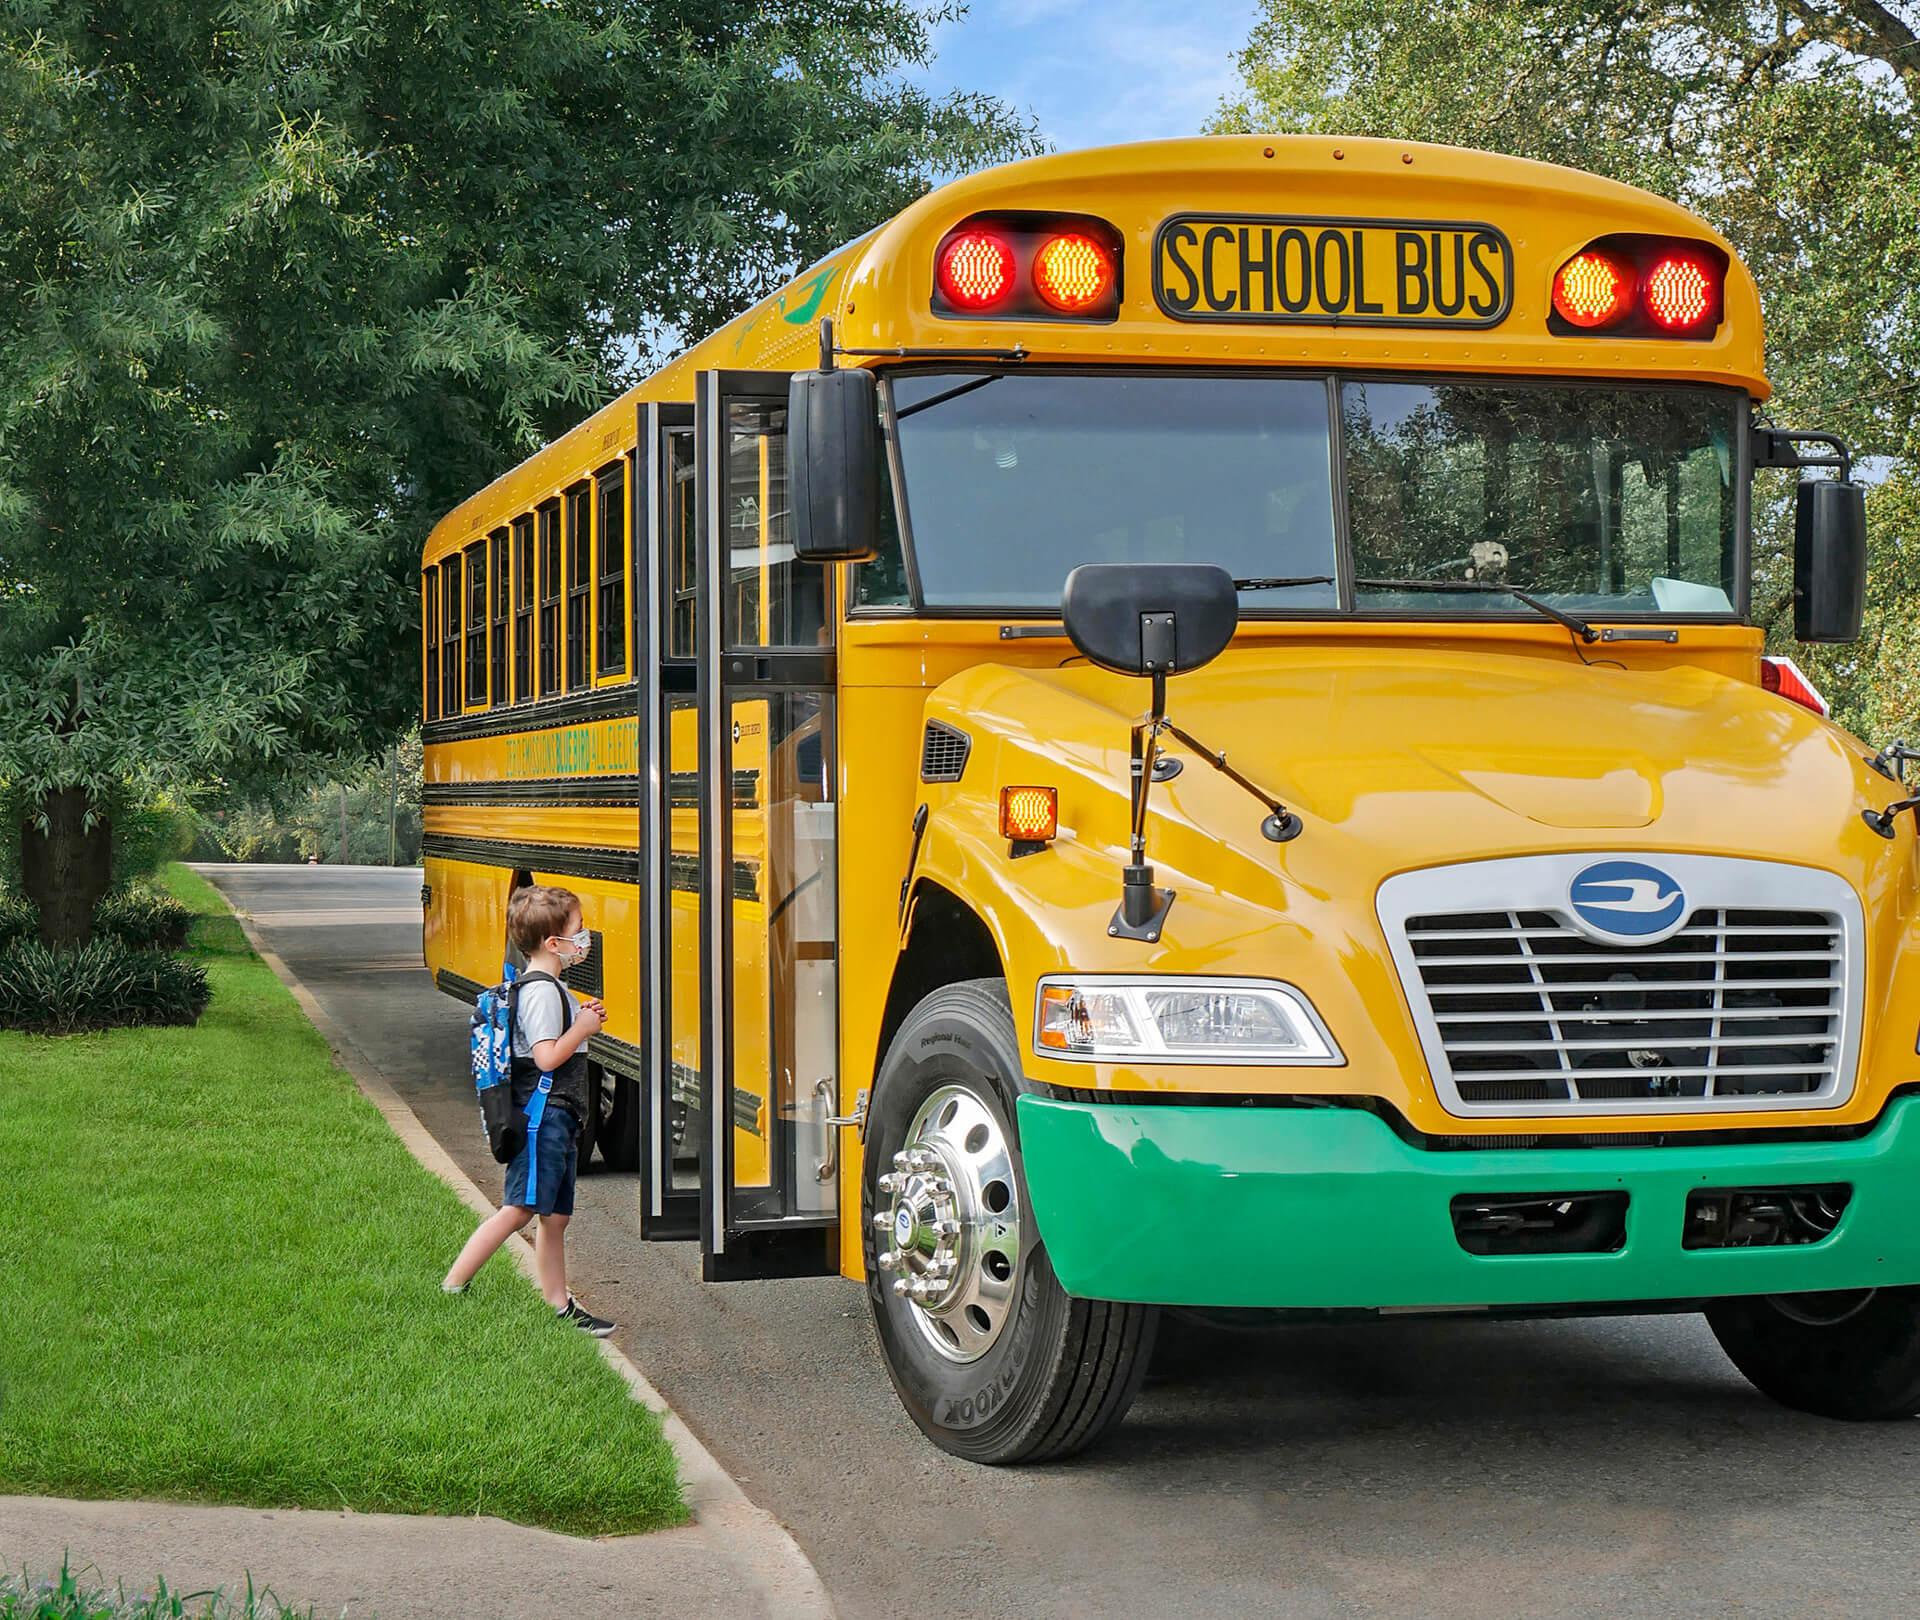 Школы получат экономическую выгоду от эксплуатации электрических автобусов с поддержкой V2G